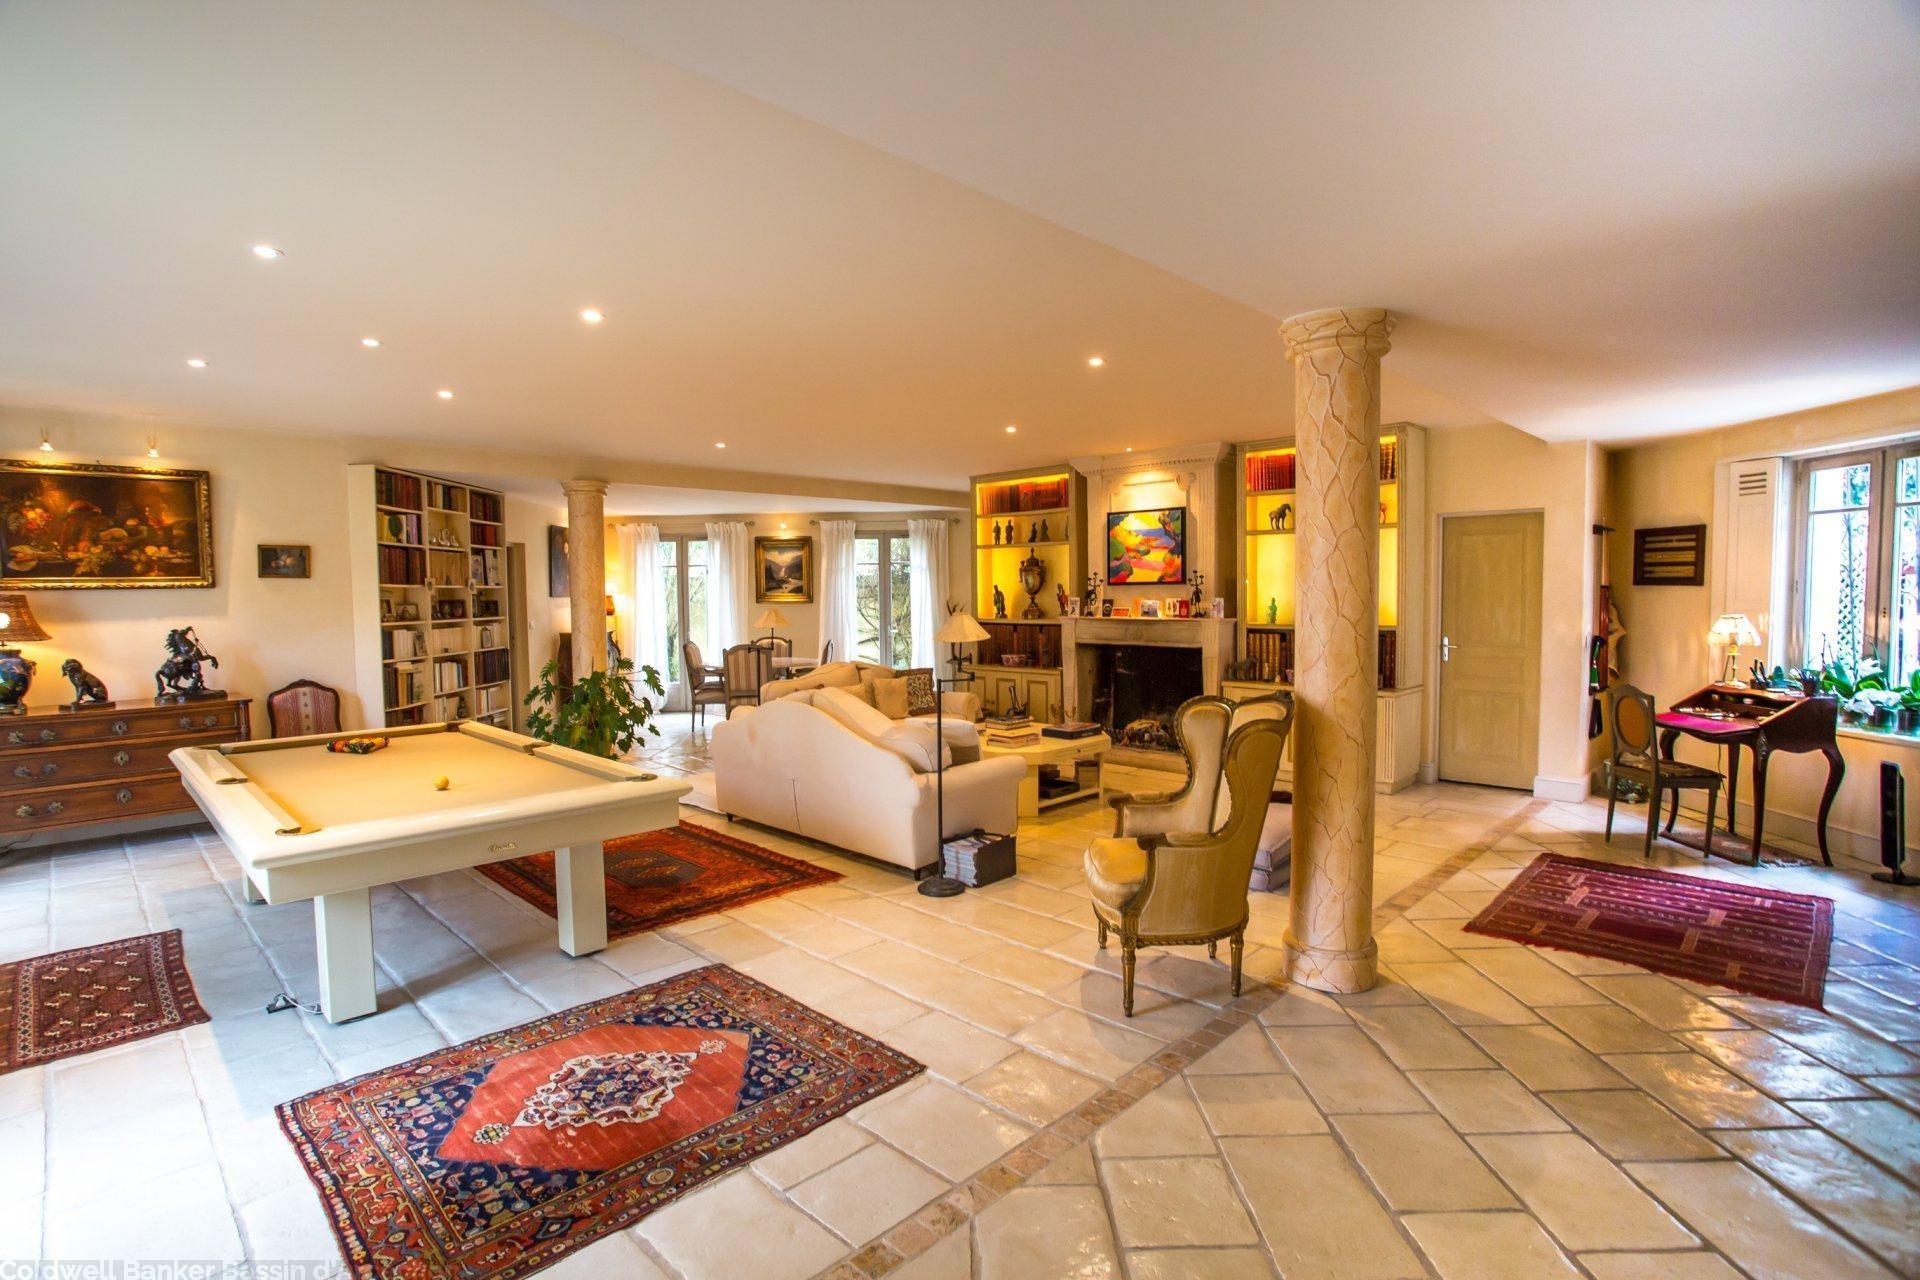 Vente belle villa chaleureuse au calme avec piscine bordeaux cauderan coldwell banker - Belles maisons bordeaux ...